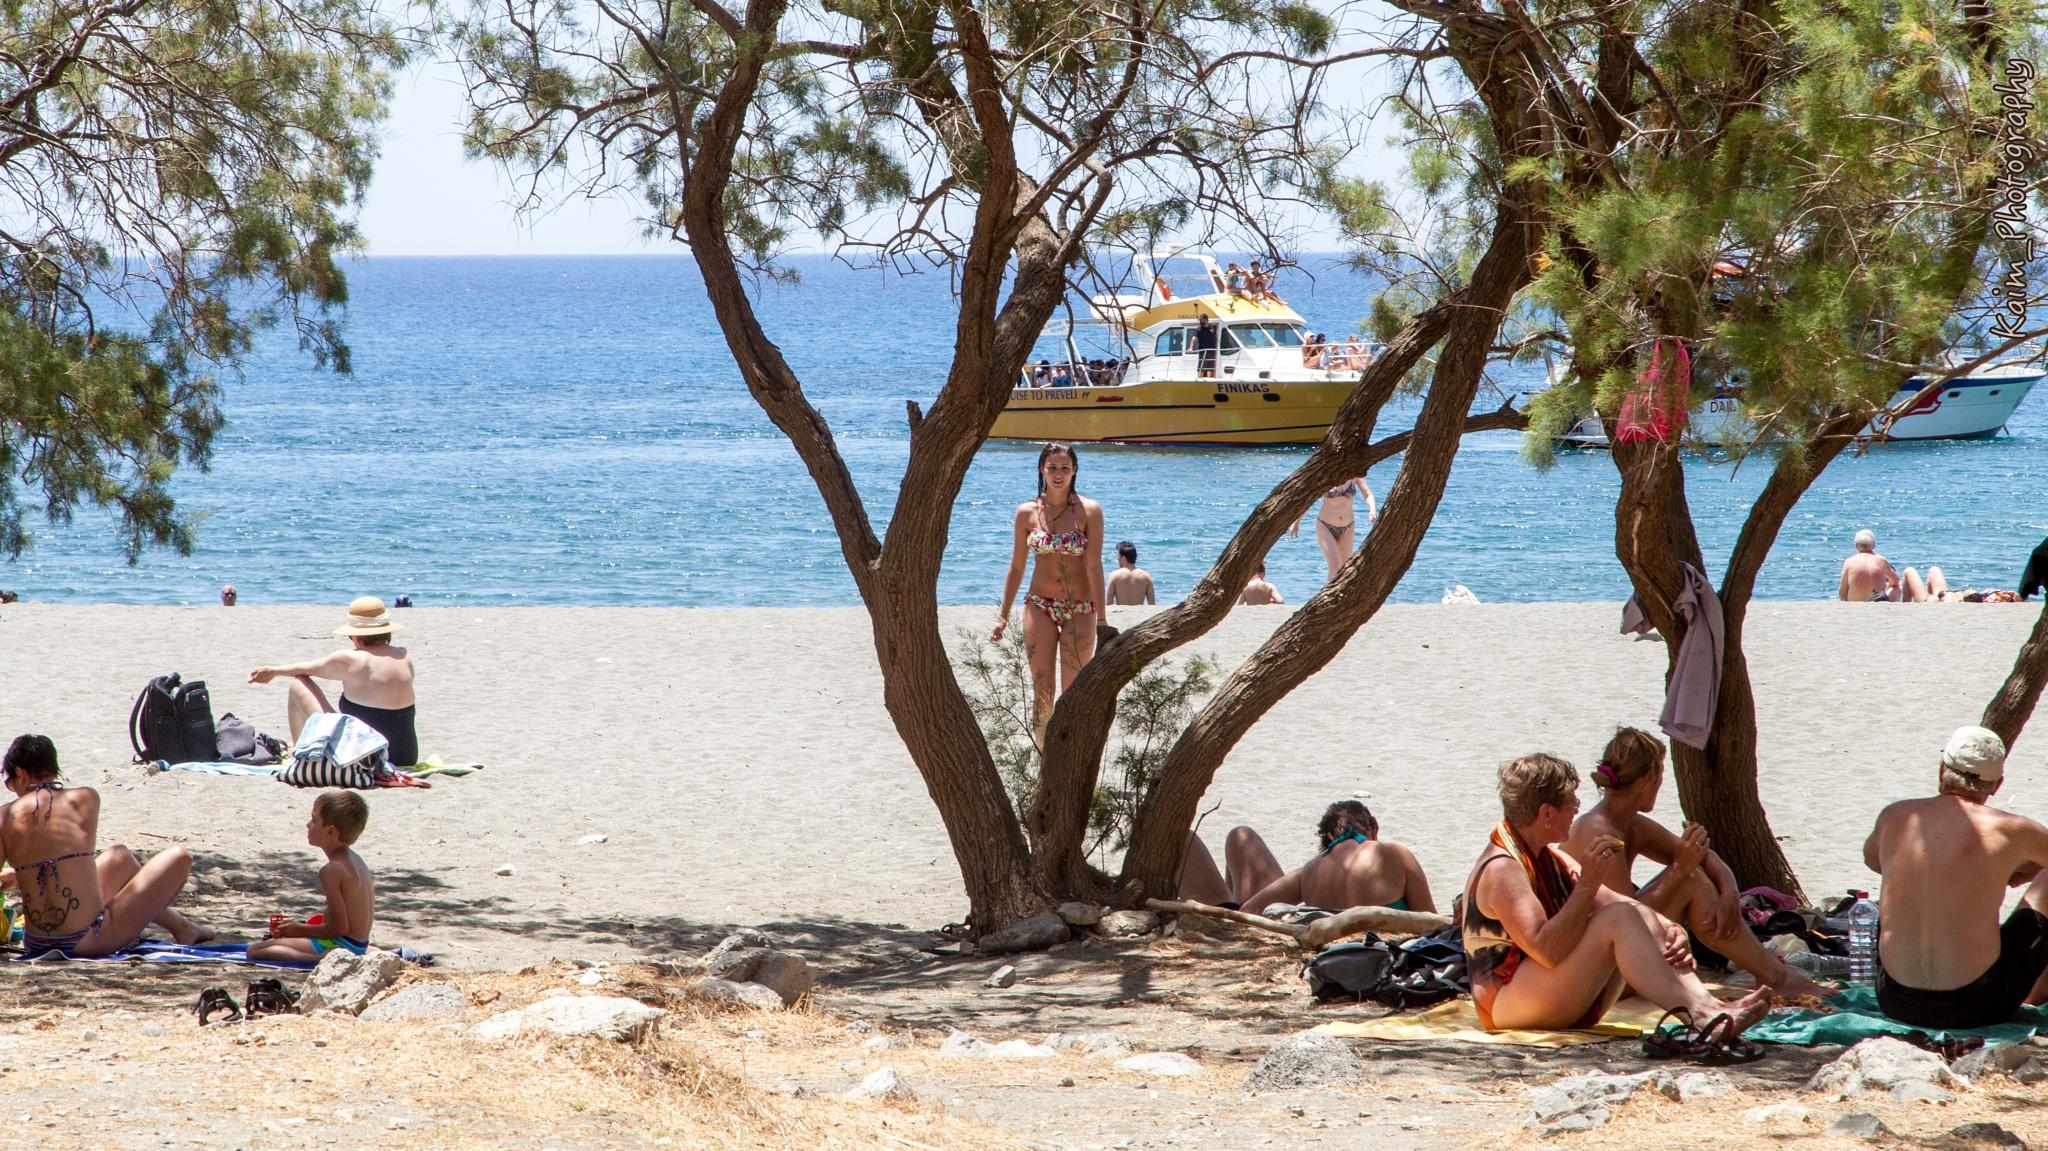 Greece,Plakias by kaim